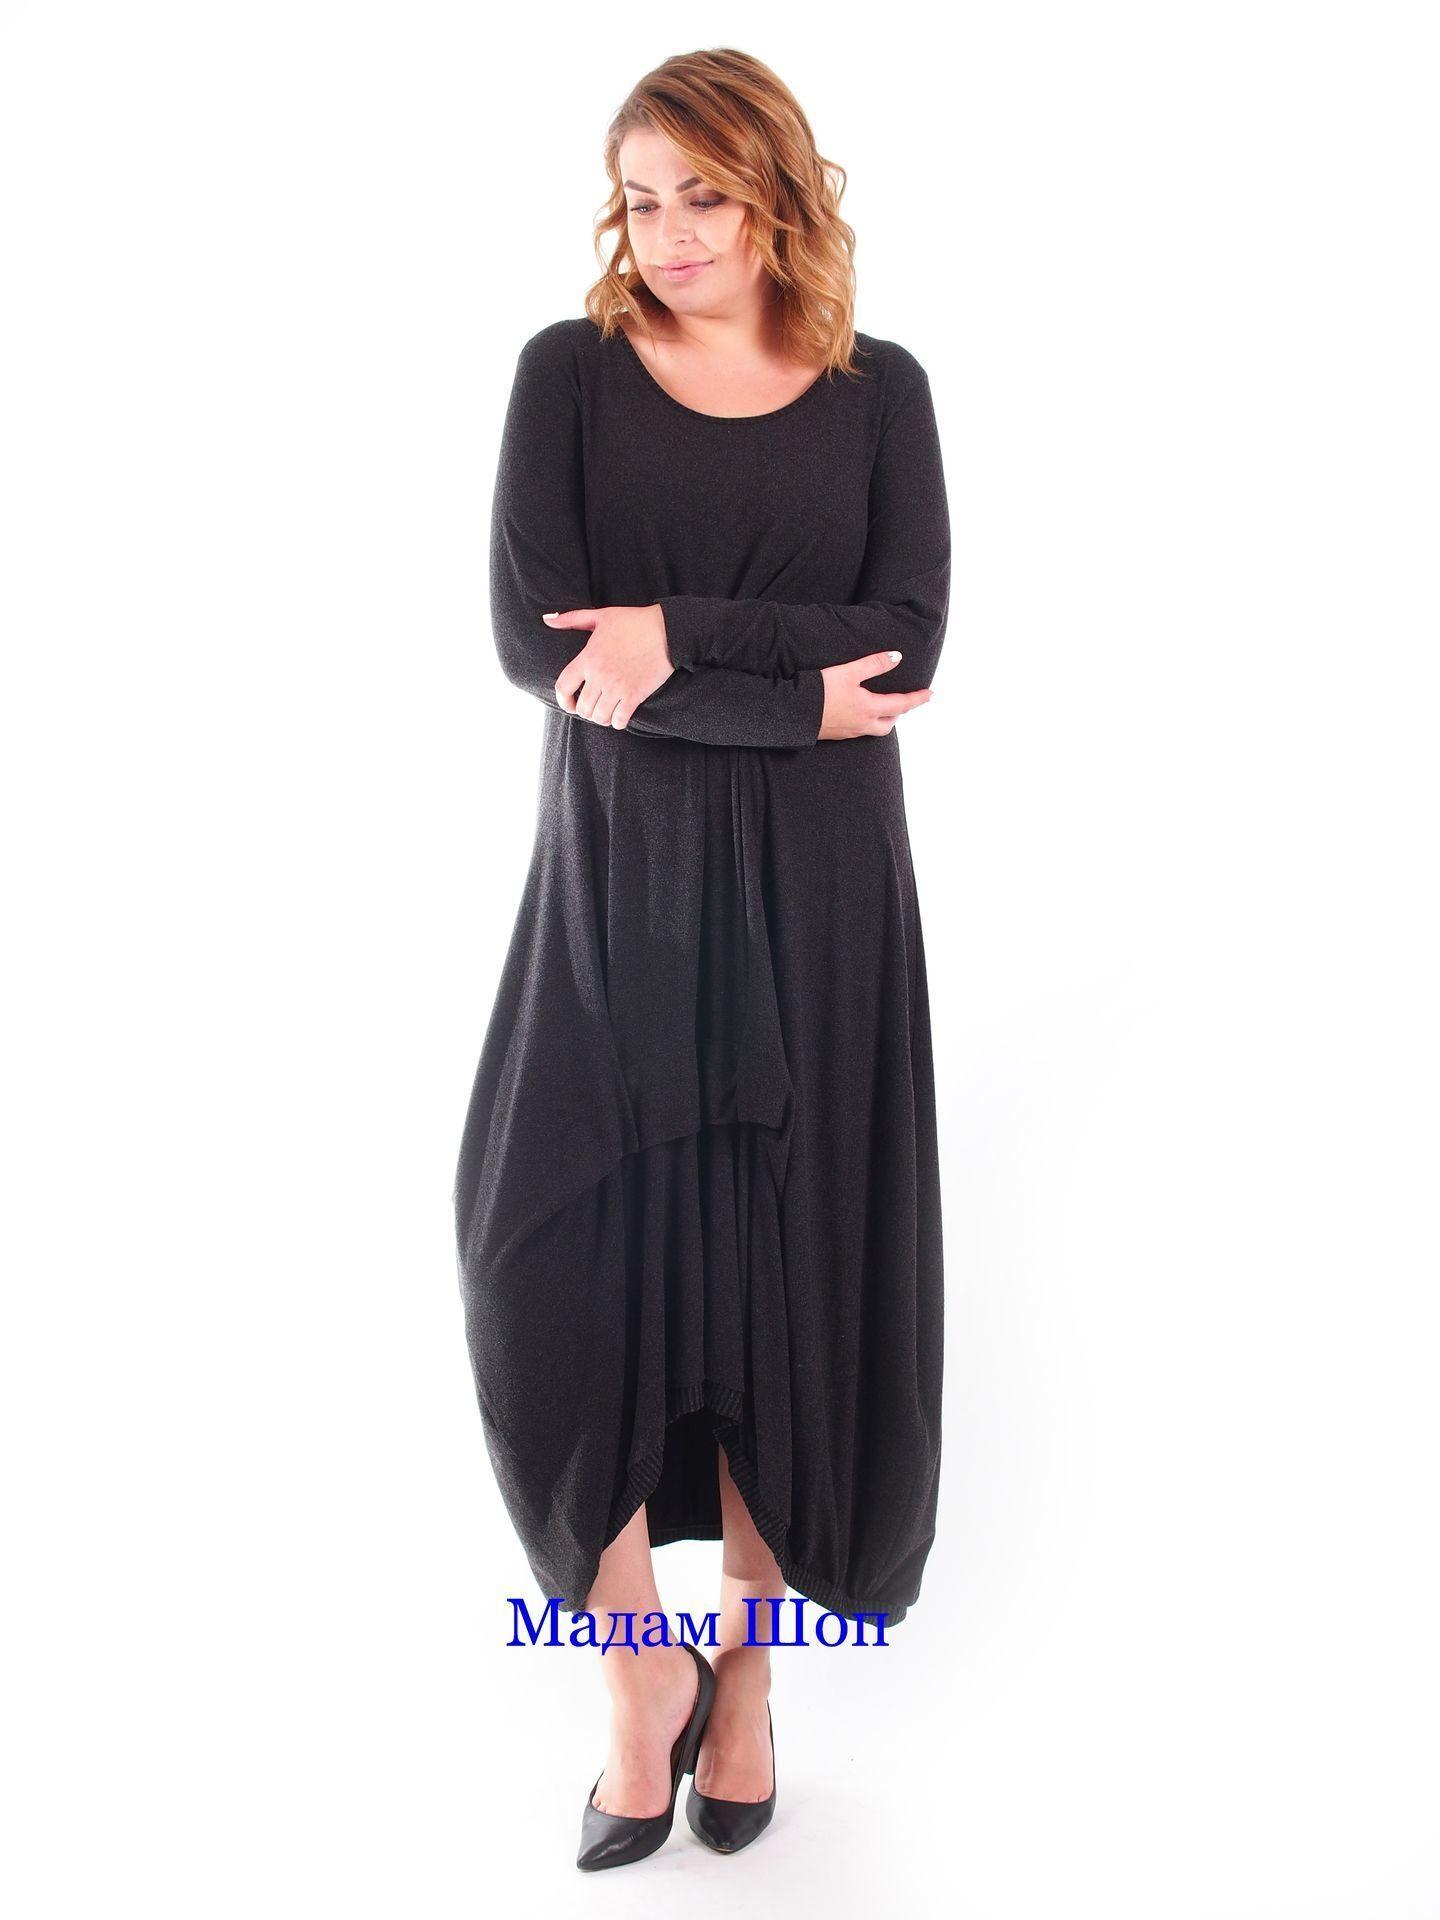 ea7e63166a0 Чёрное платье из мягкого трикотажа с креативной геометрией подола. Необычно  присборенный низ